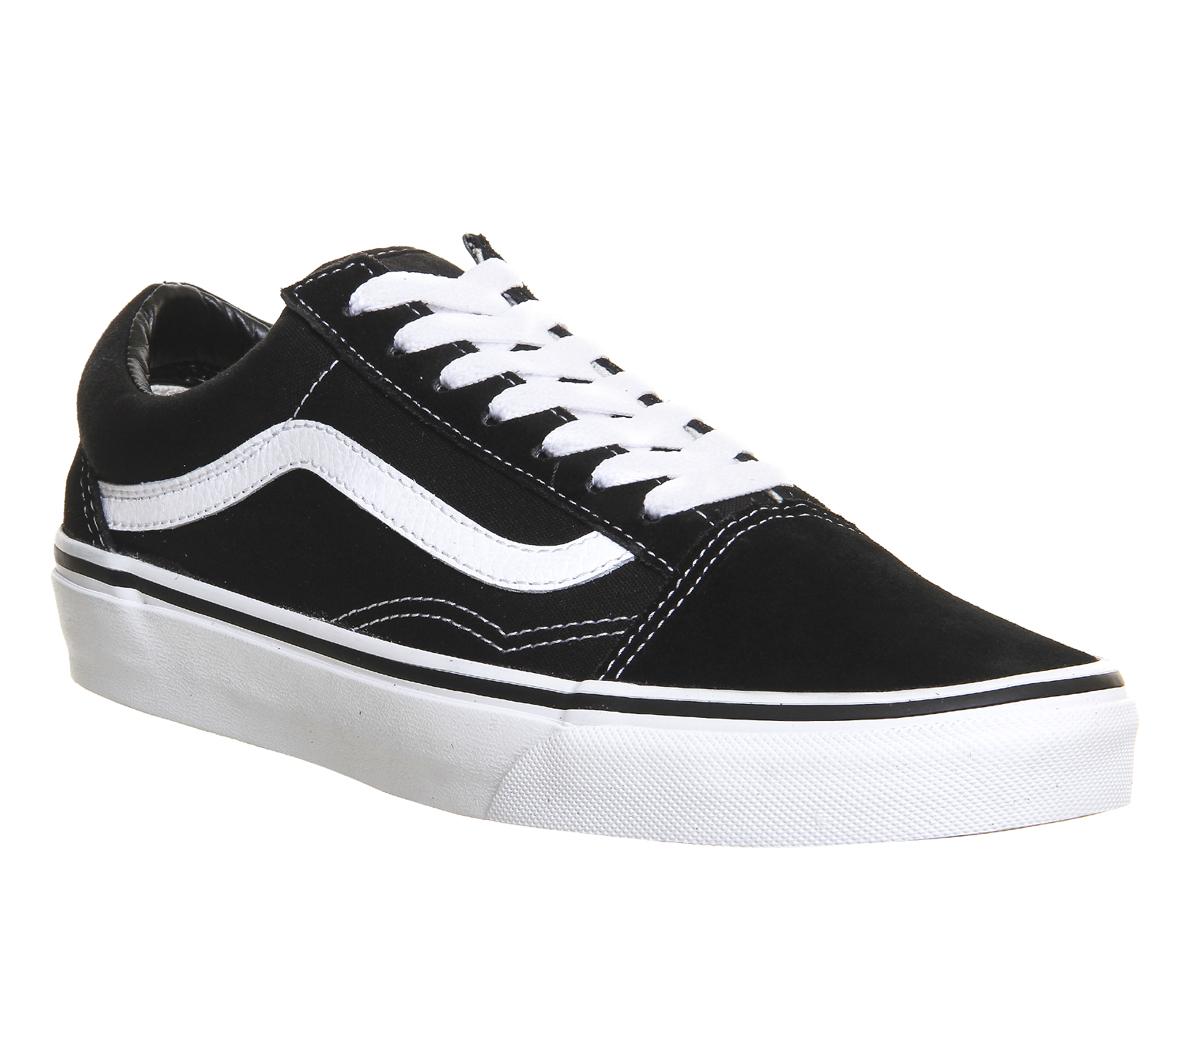 Sentinel Mens Vans Old Skool Trainers Black Trainers Shoes c848668314